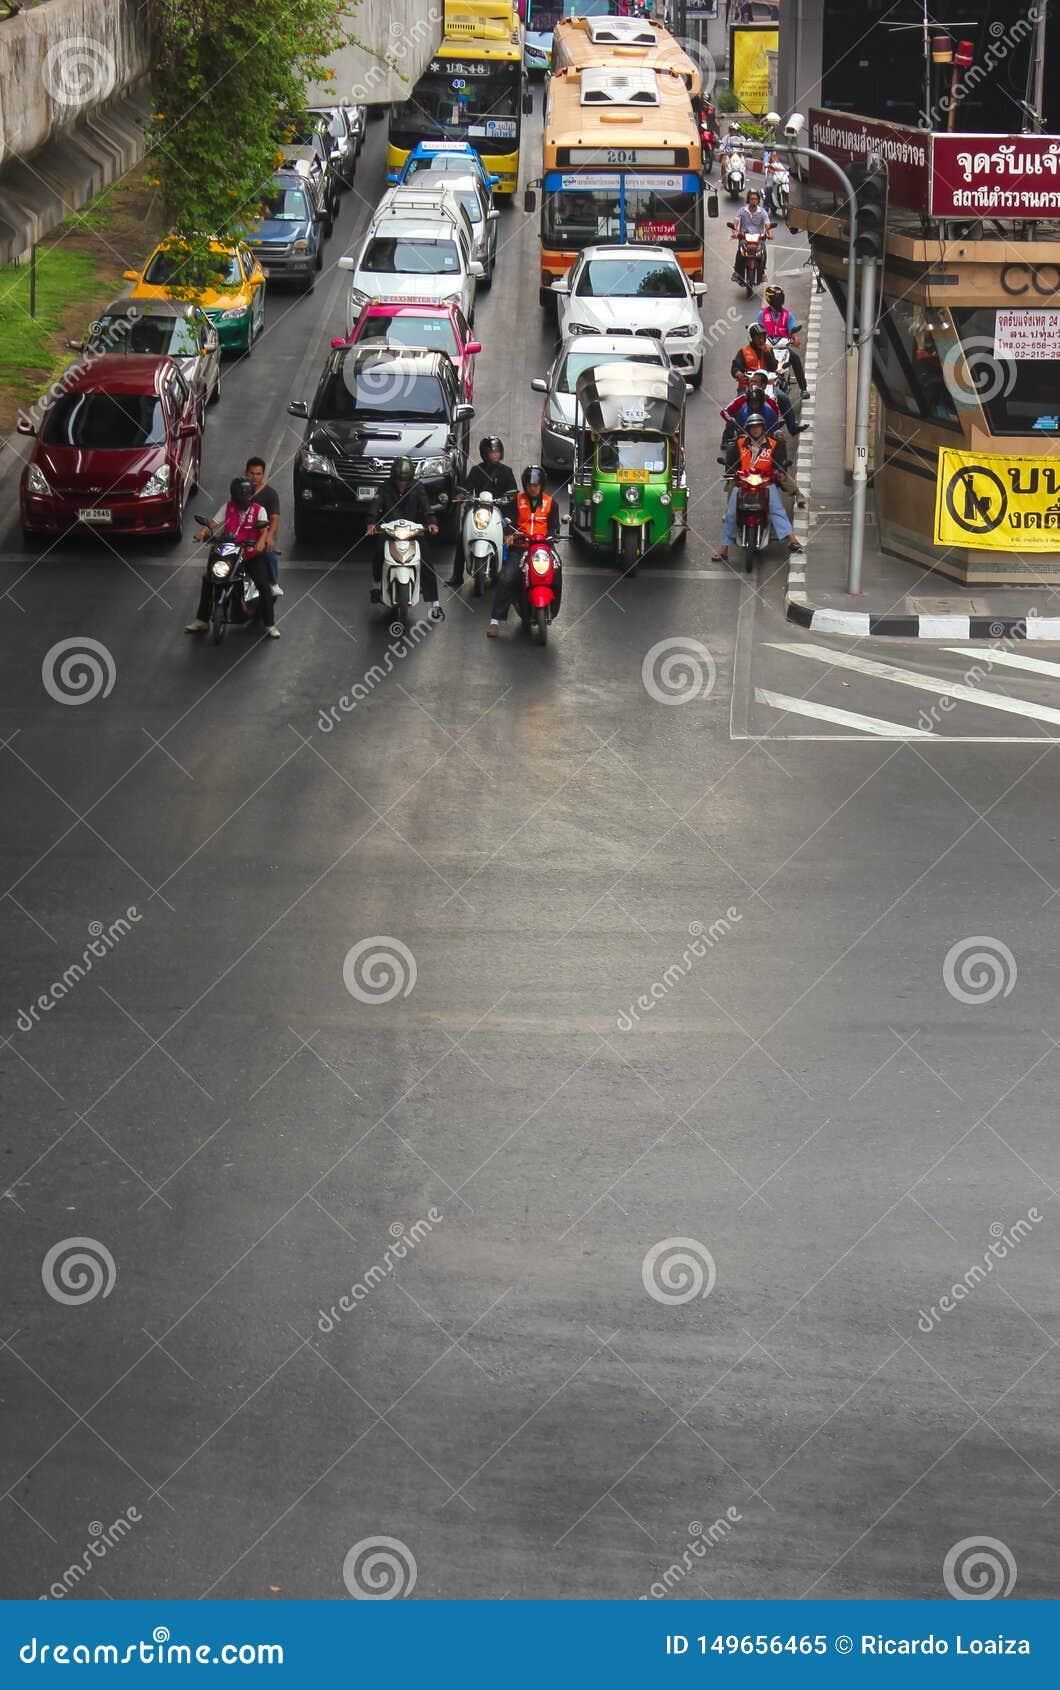 Bangkok, Thaïlande - 31 avril 2014 Voitures et motos au milieu du trafic attendant le feu de signalisation dans la ville de